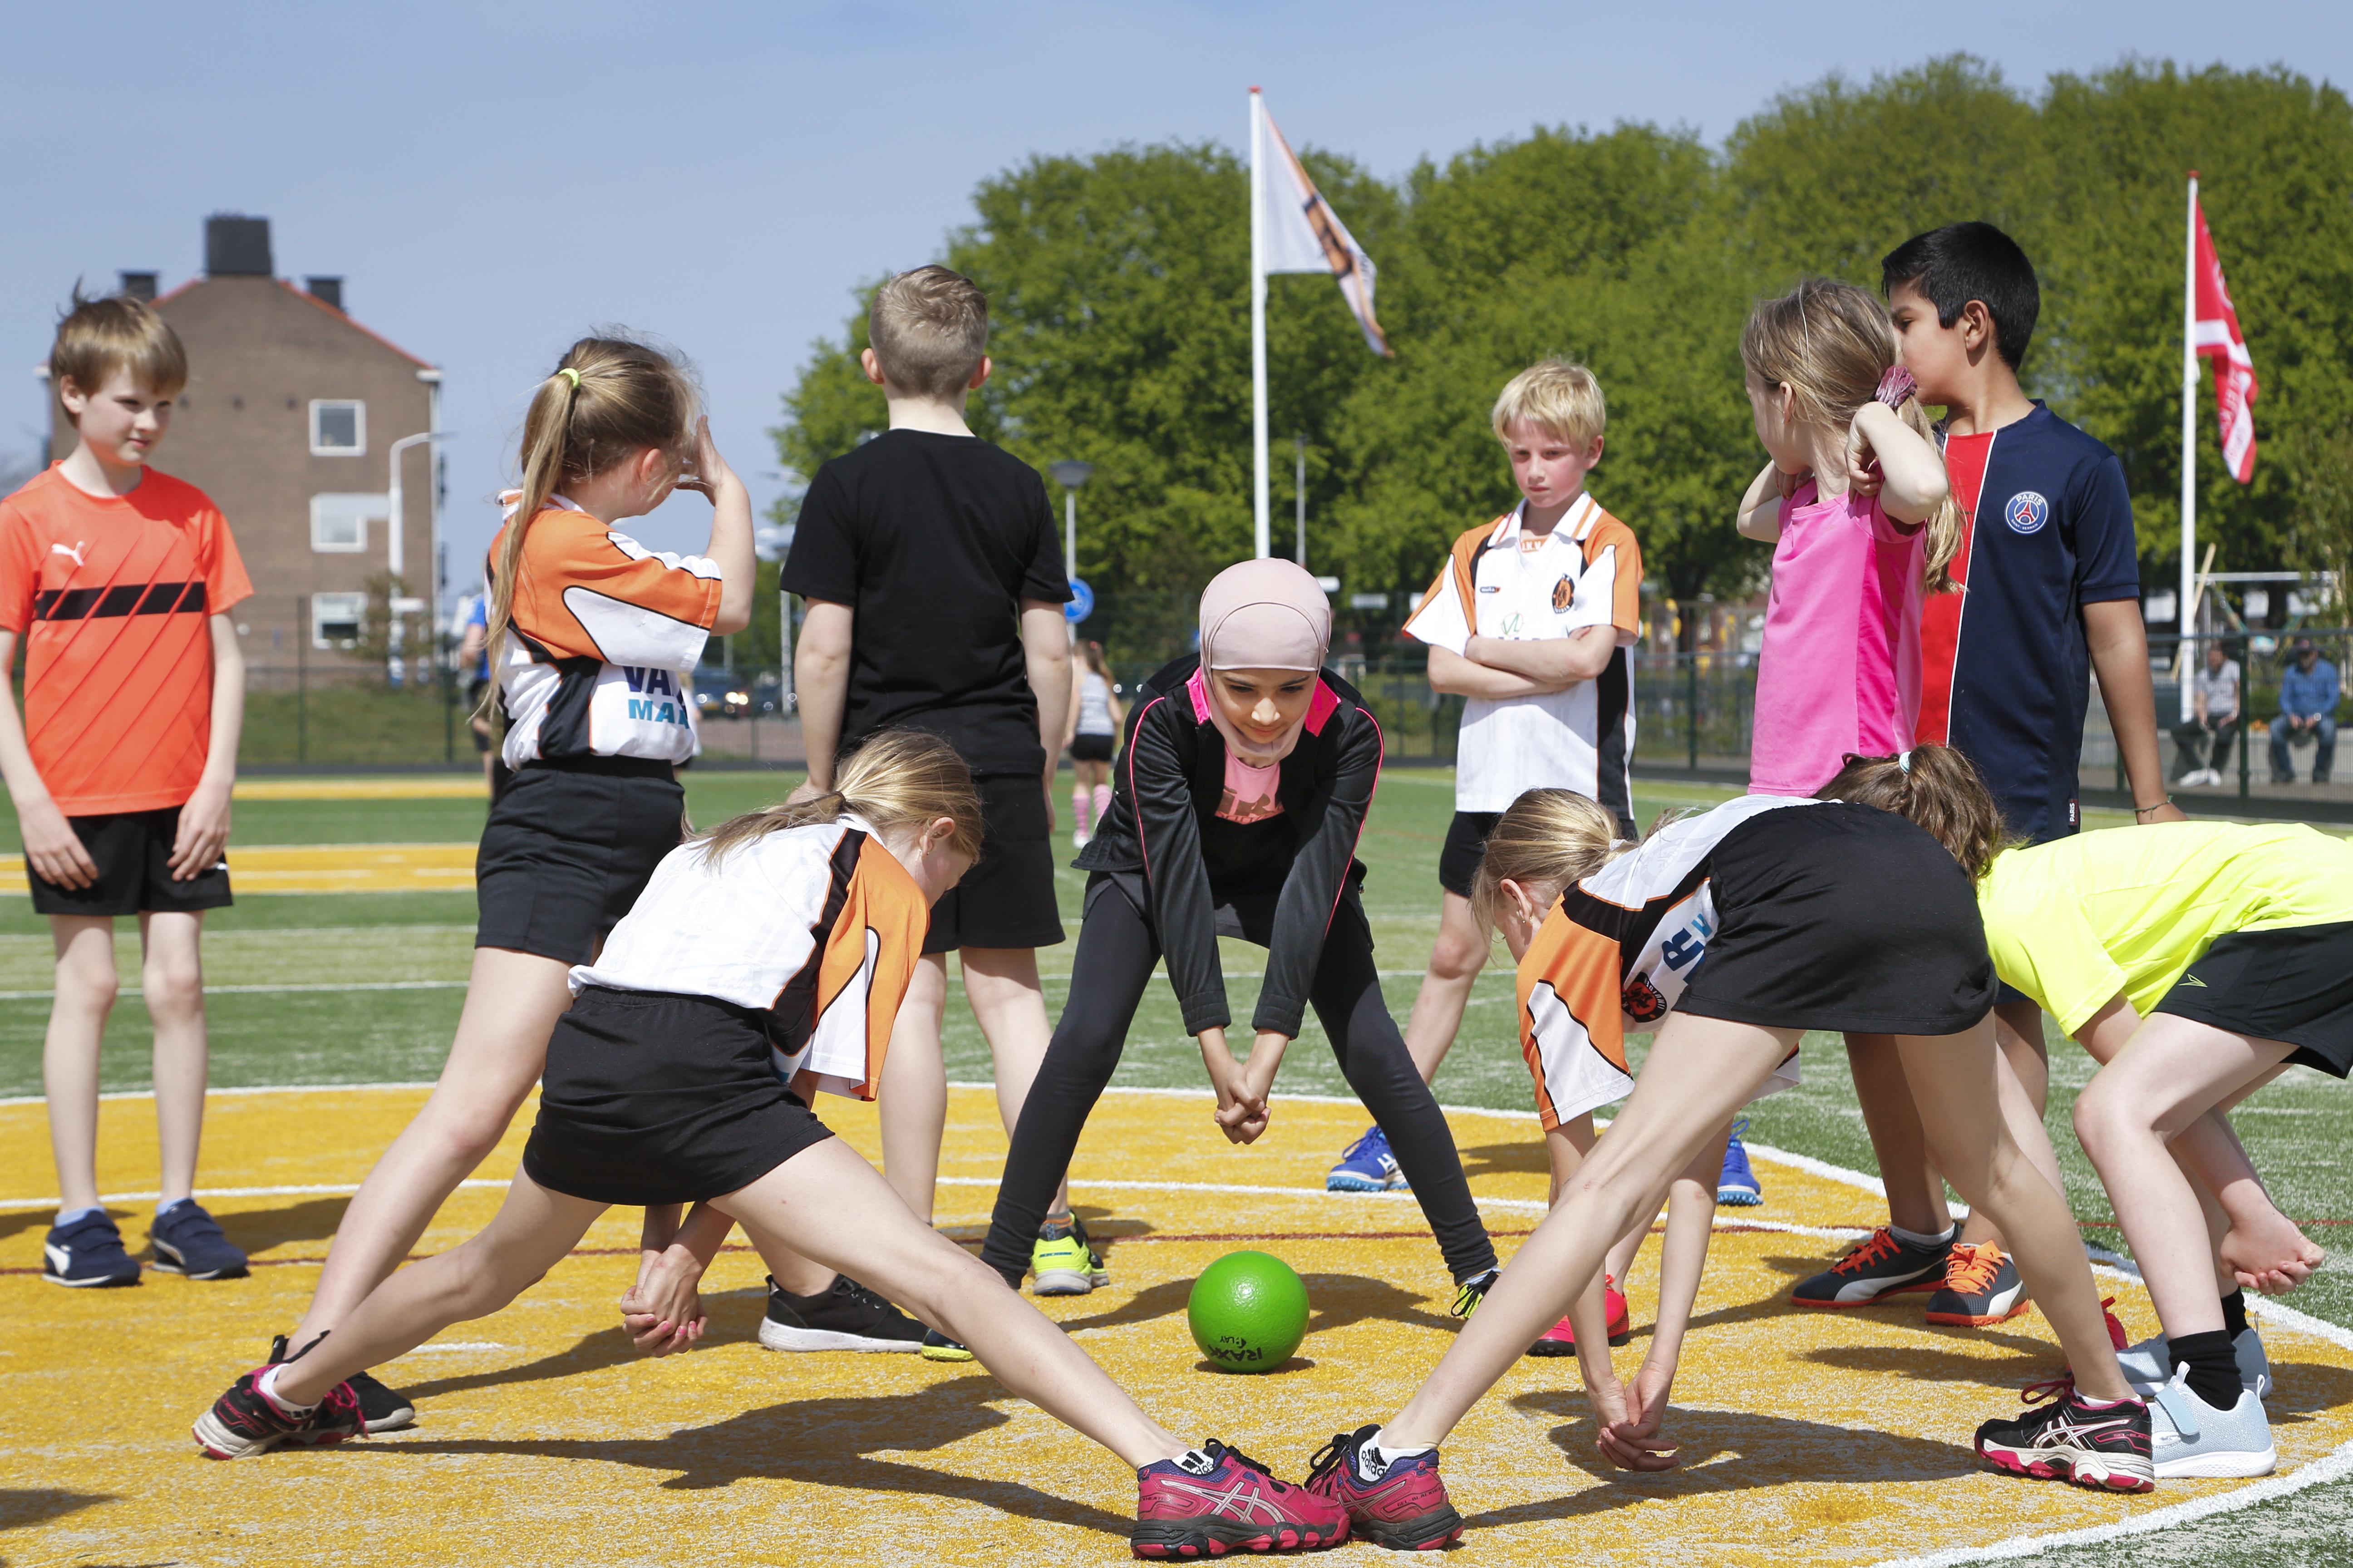 Sportakkoord moet meer Leidenaars aanzetten tot sporten en bewegen